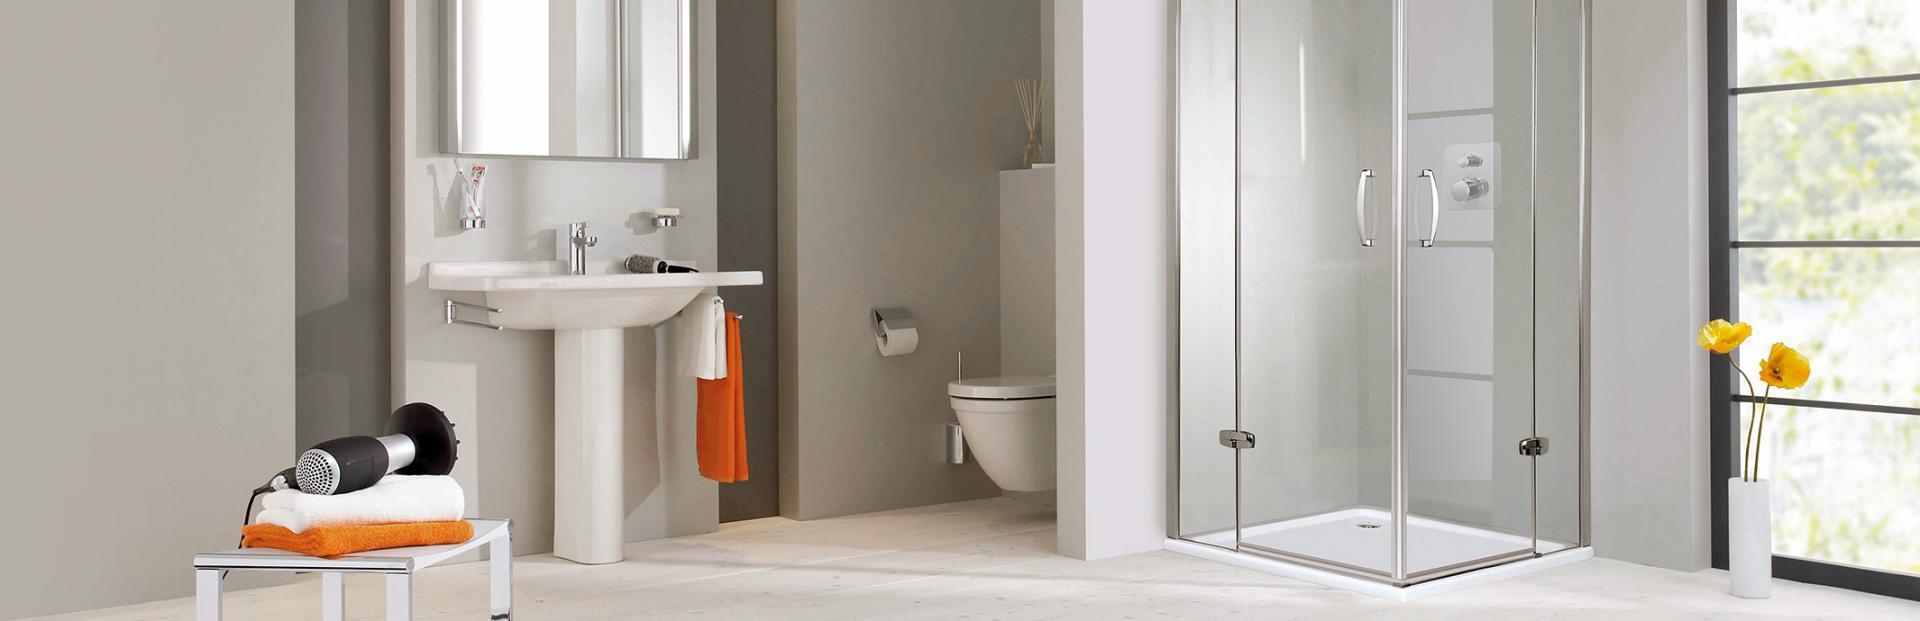 duschbad auf kleinstem raum. Black Bedroom Furniture Sets. Home Design Ideas